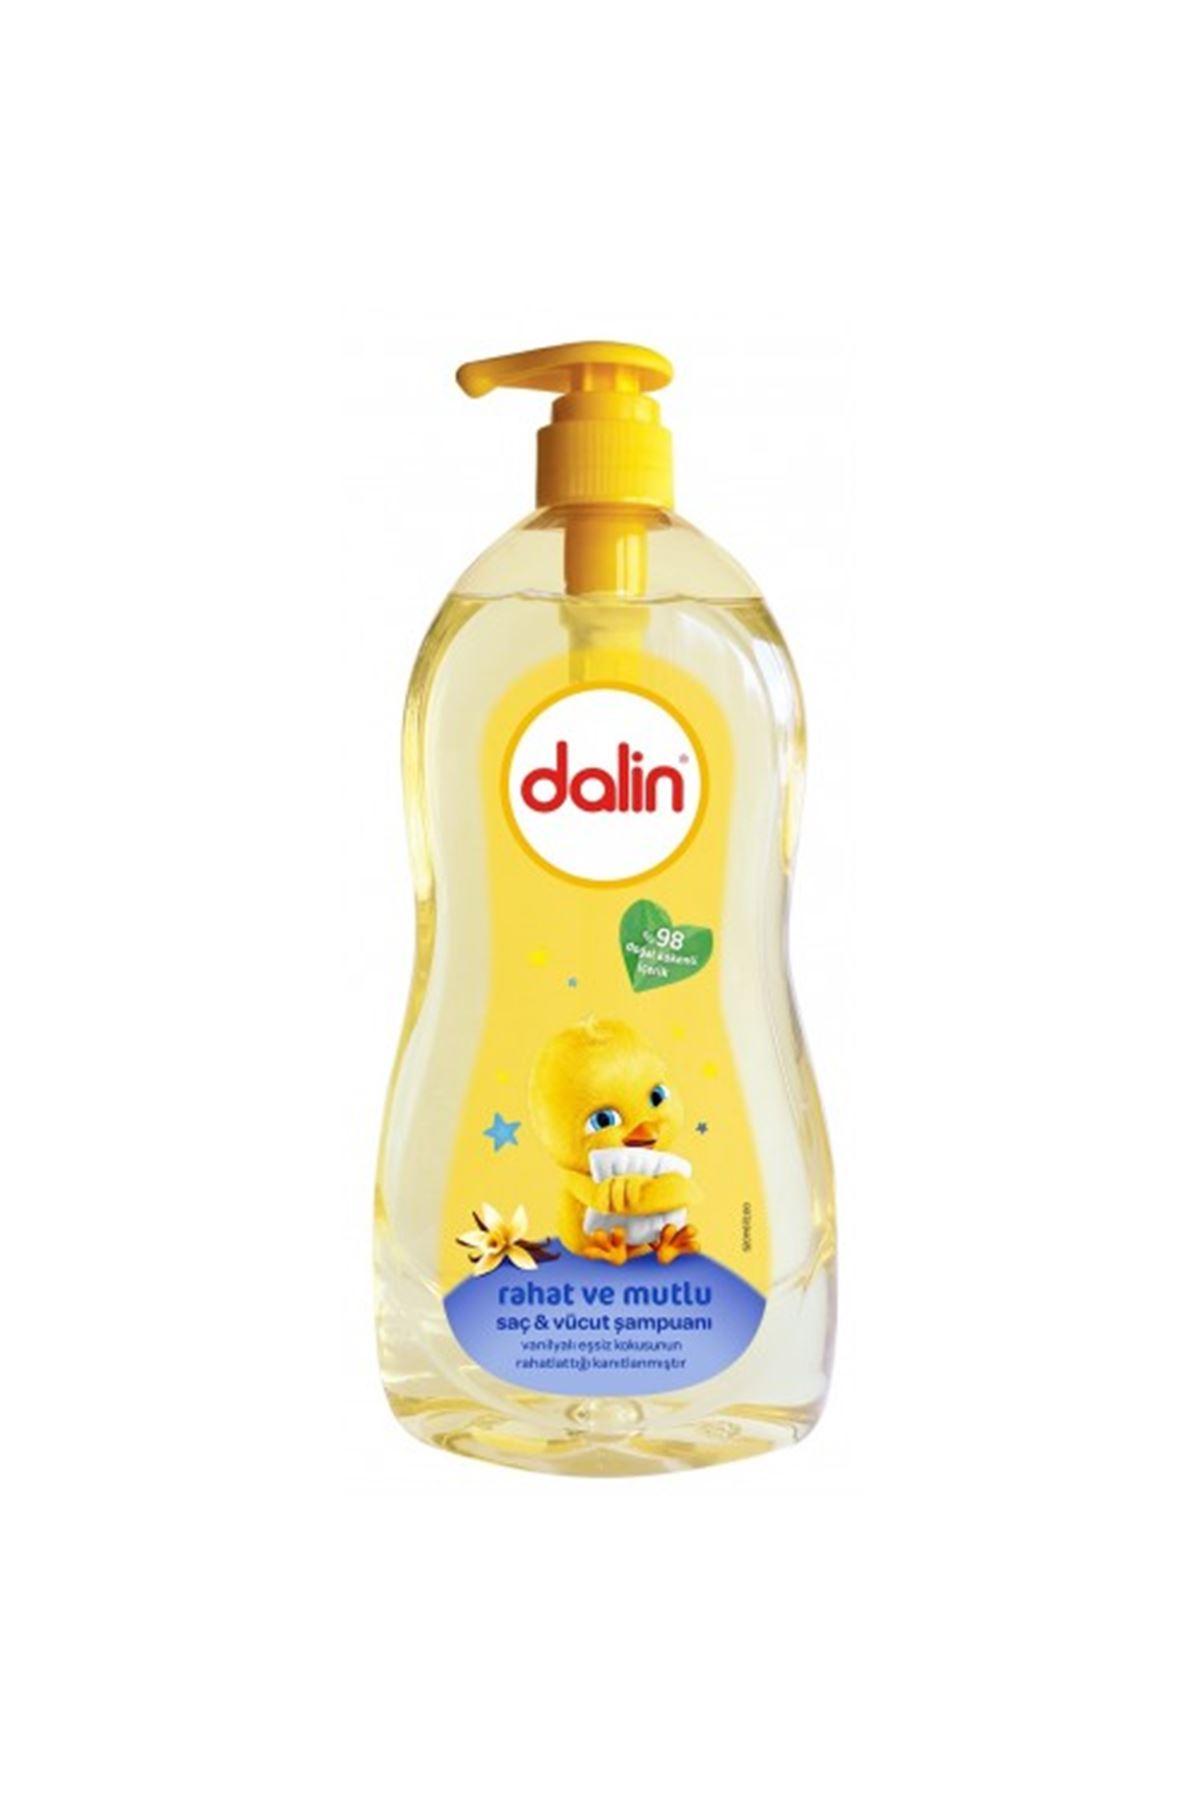 Dalin Vanilya Kokulu Rahat ve Mutlu Saç & Vücut Şampuanı 400 ml